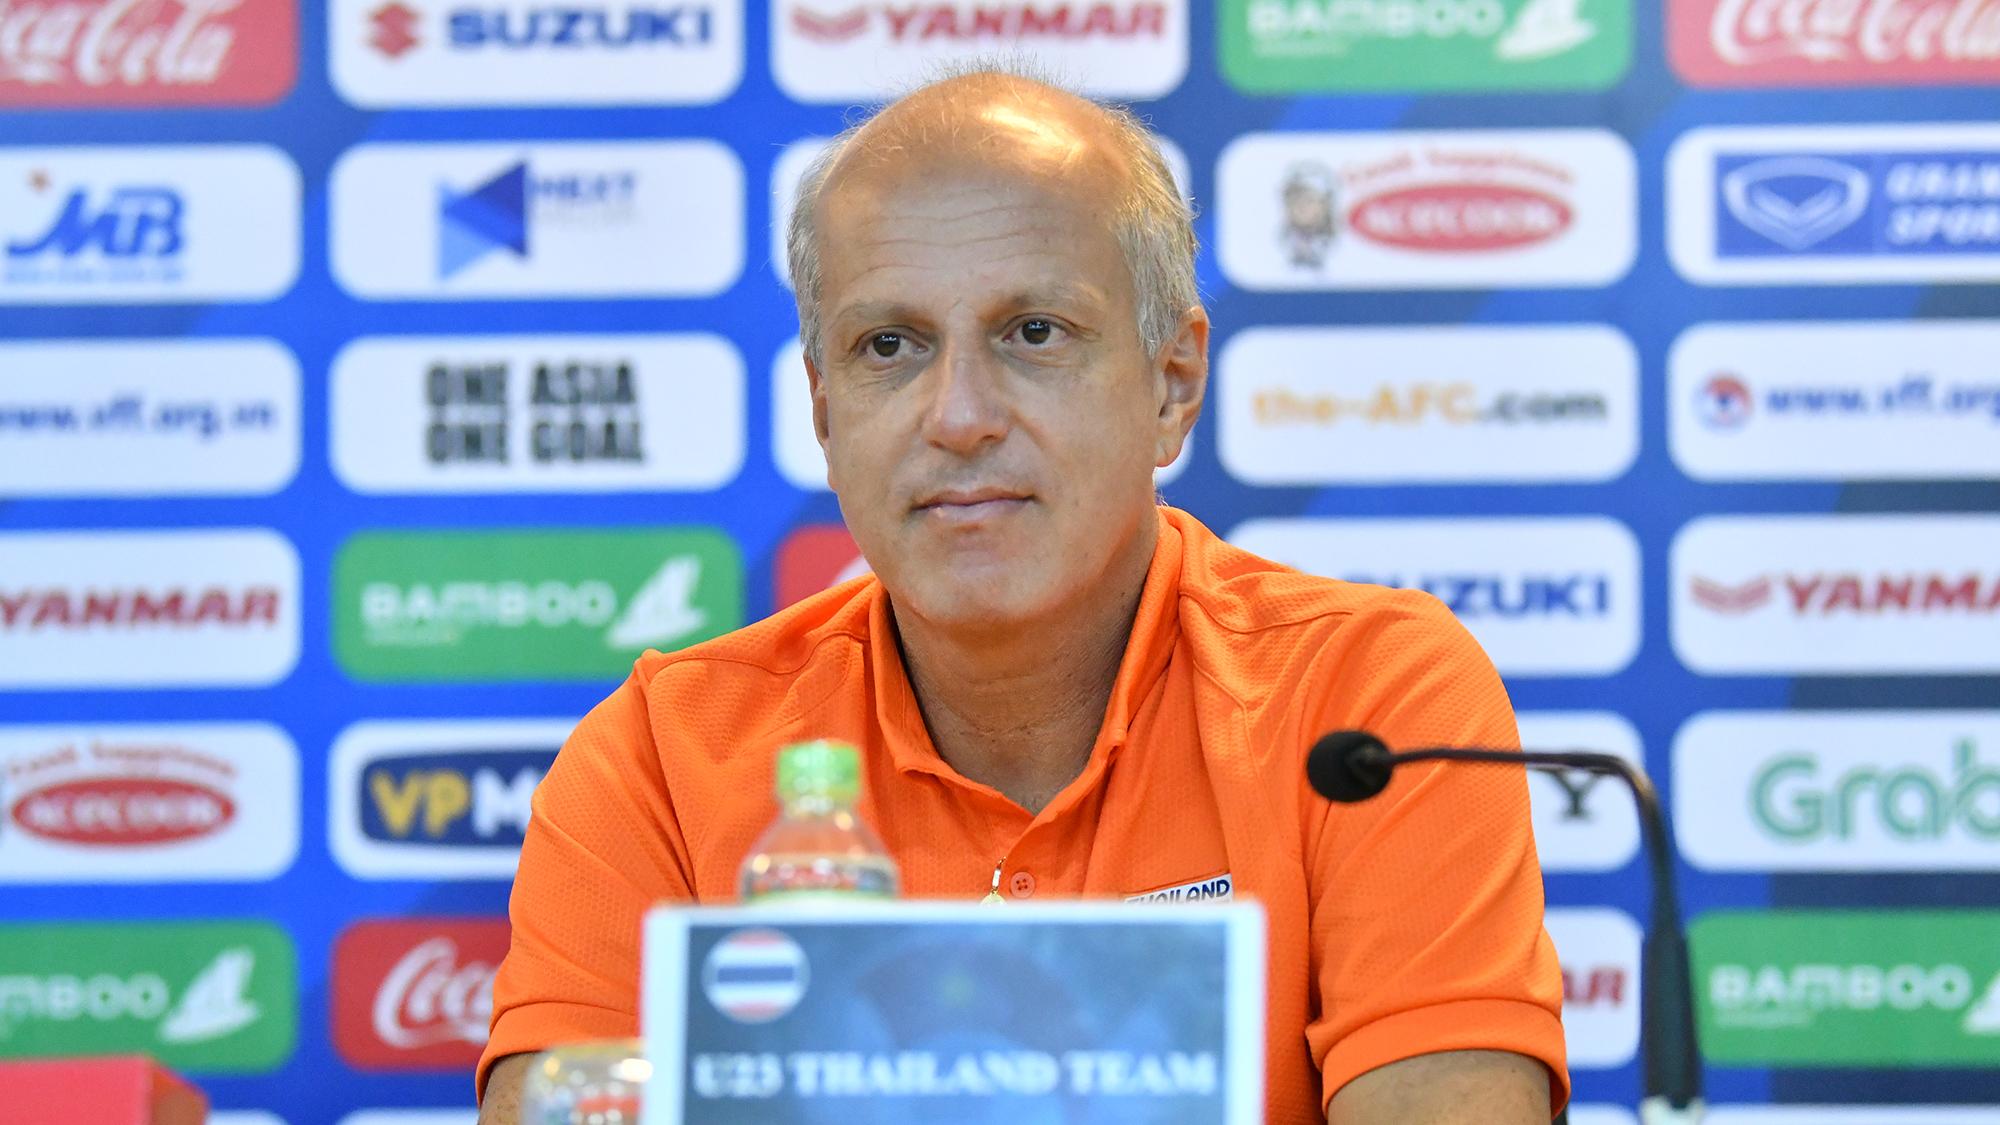 ทีมชาติไทย U23 อเล็กซานเดร กามา